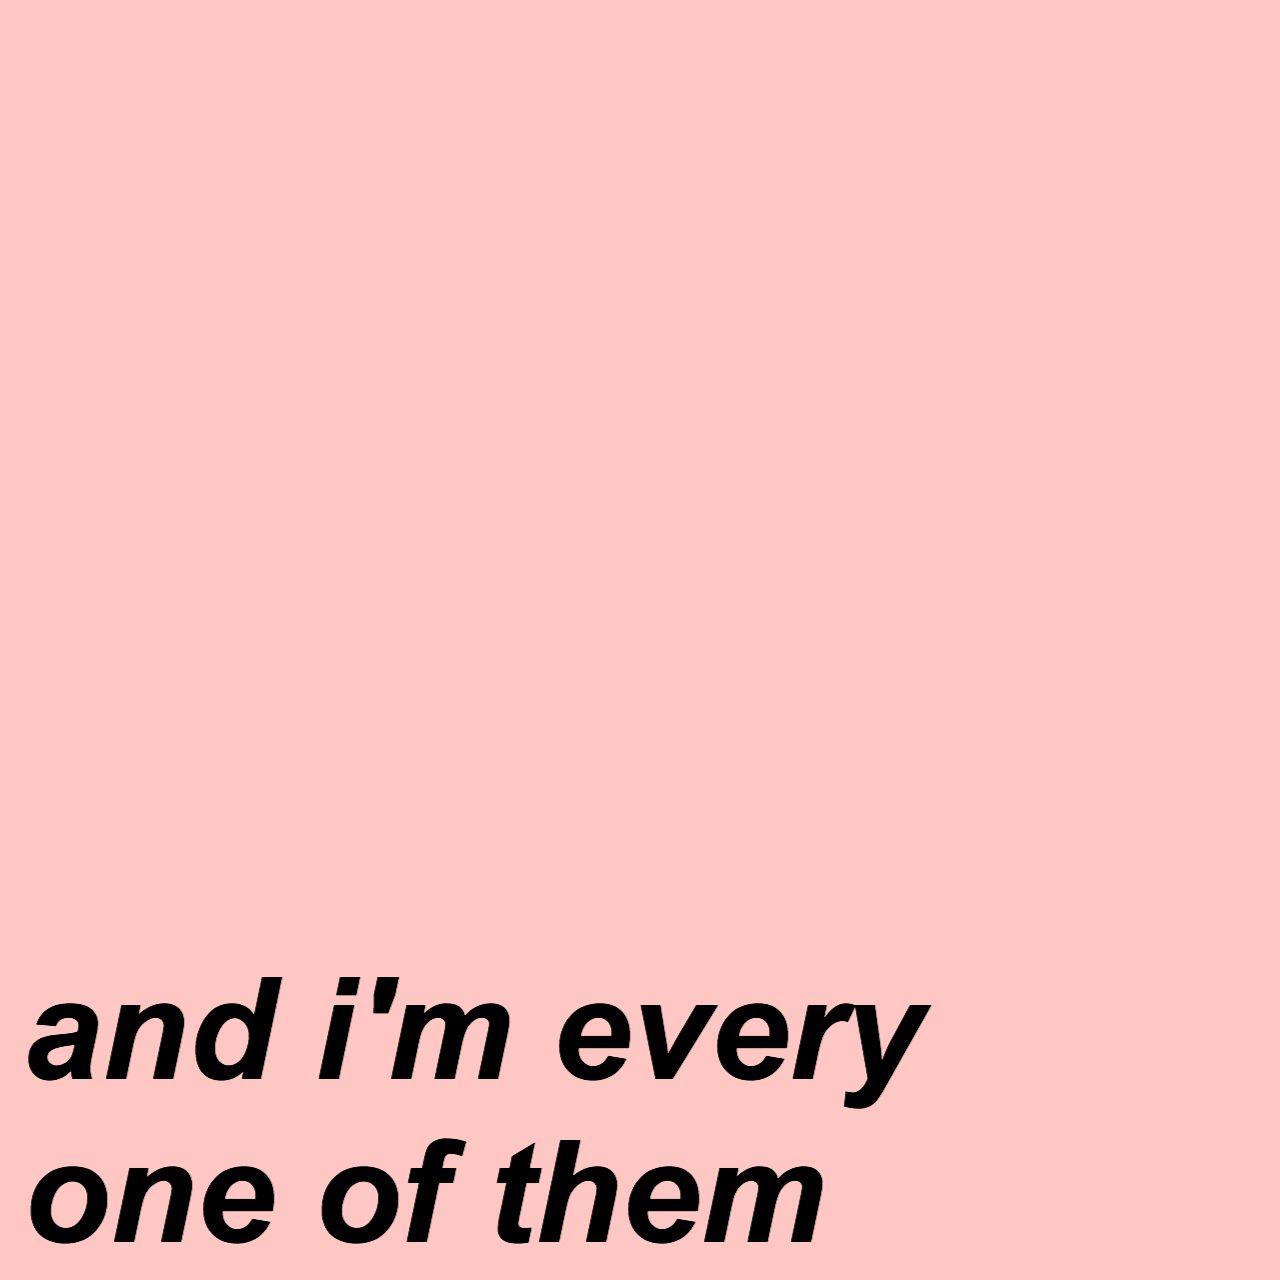 Pin on Lyrics that speak to me